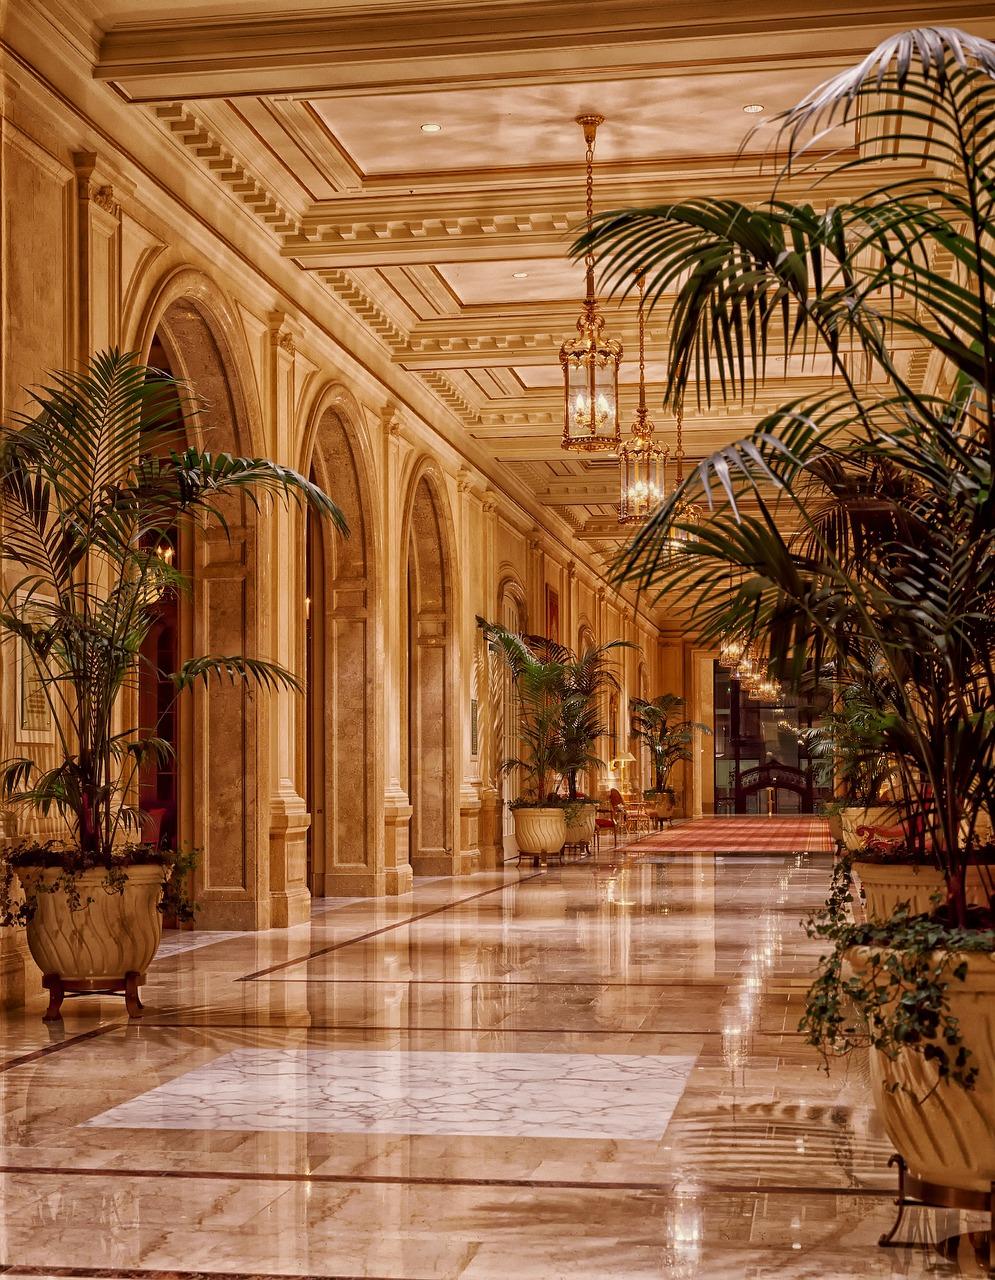 sheraton-palace-hotel-398845_1280